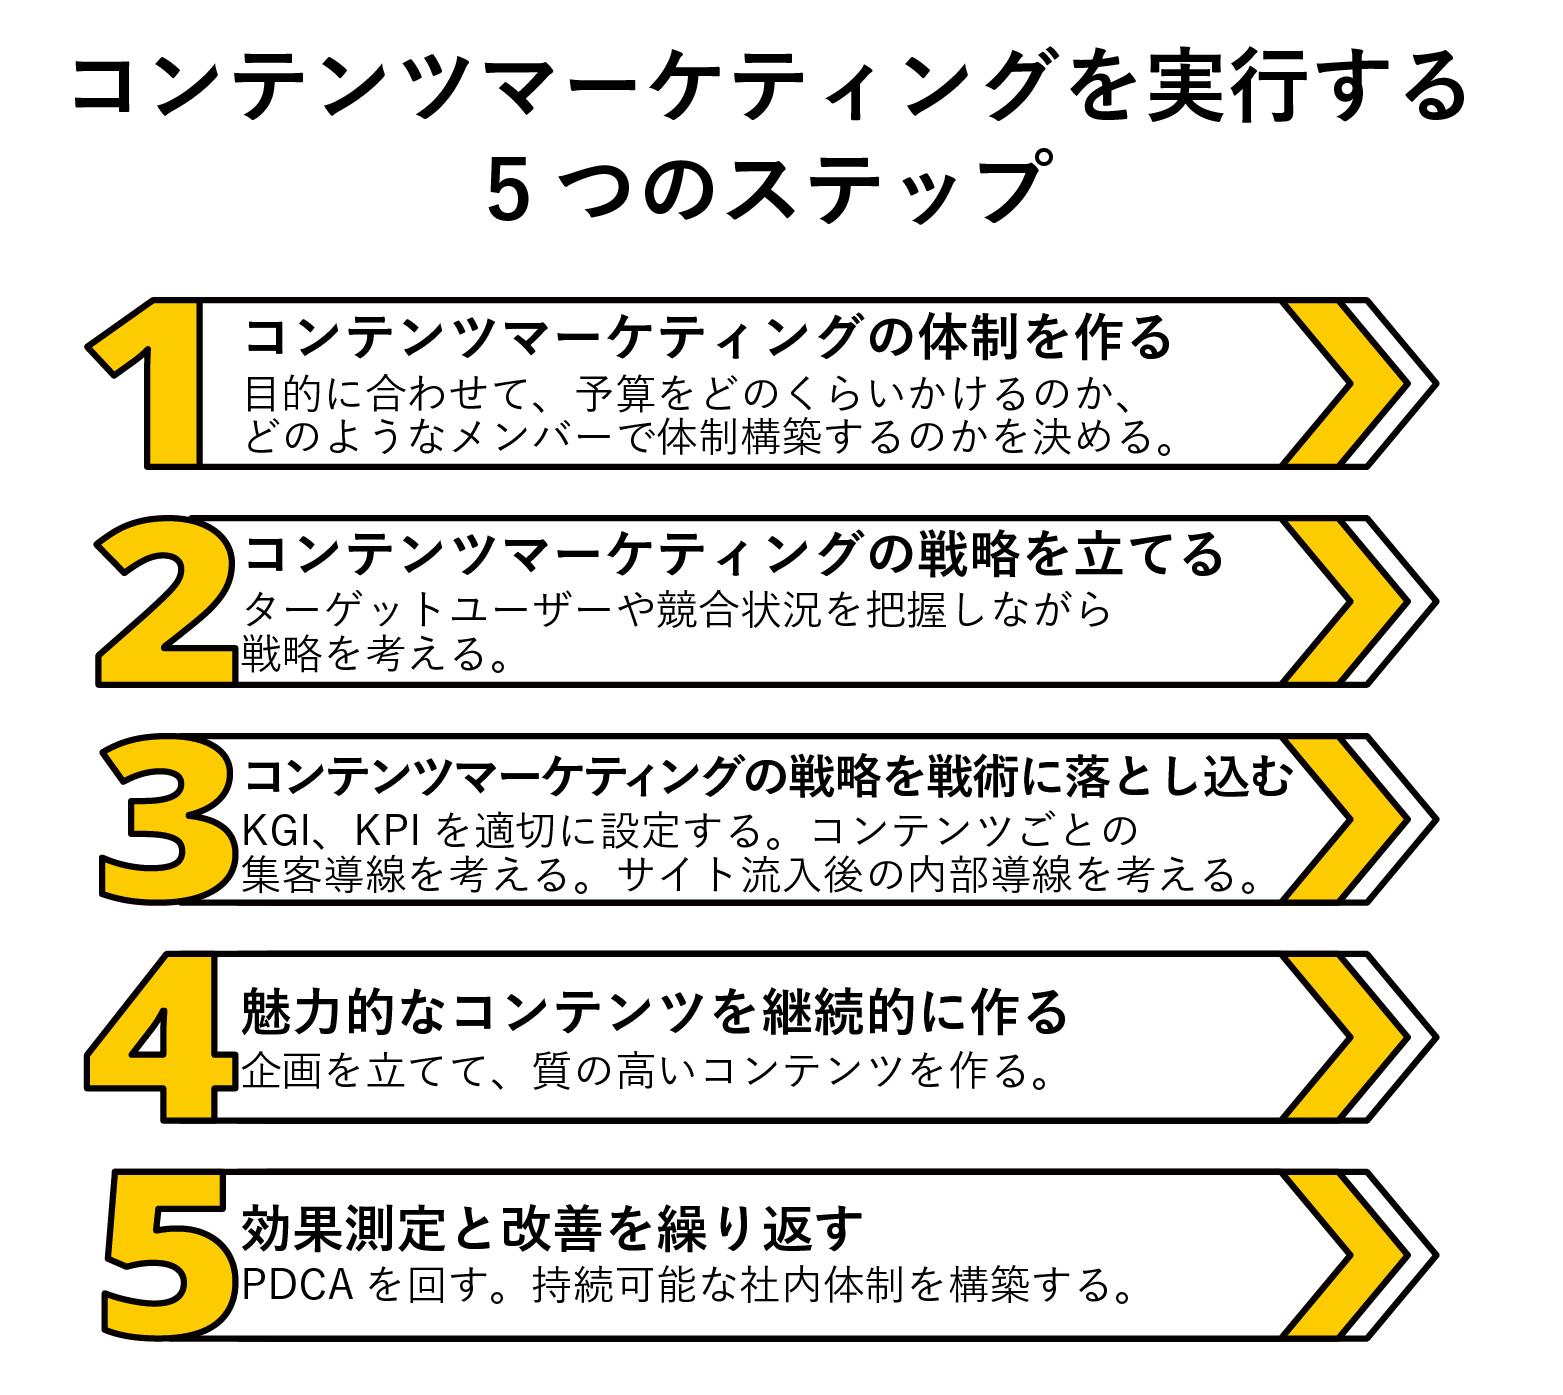 コンテンツマーケティング5つのステップ